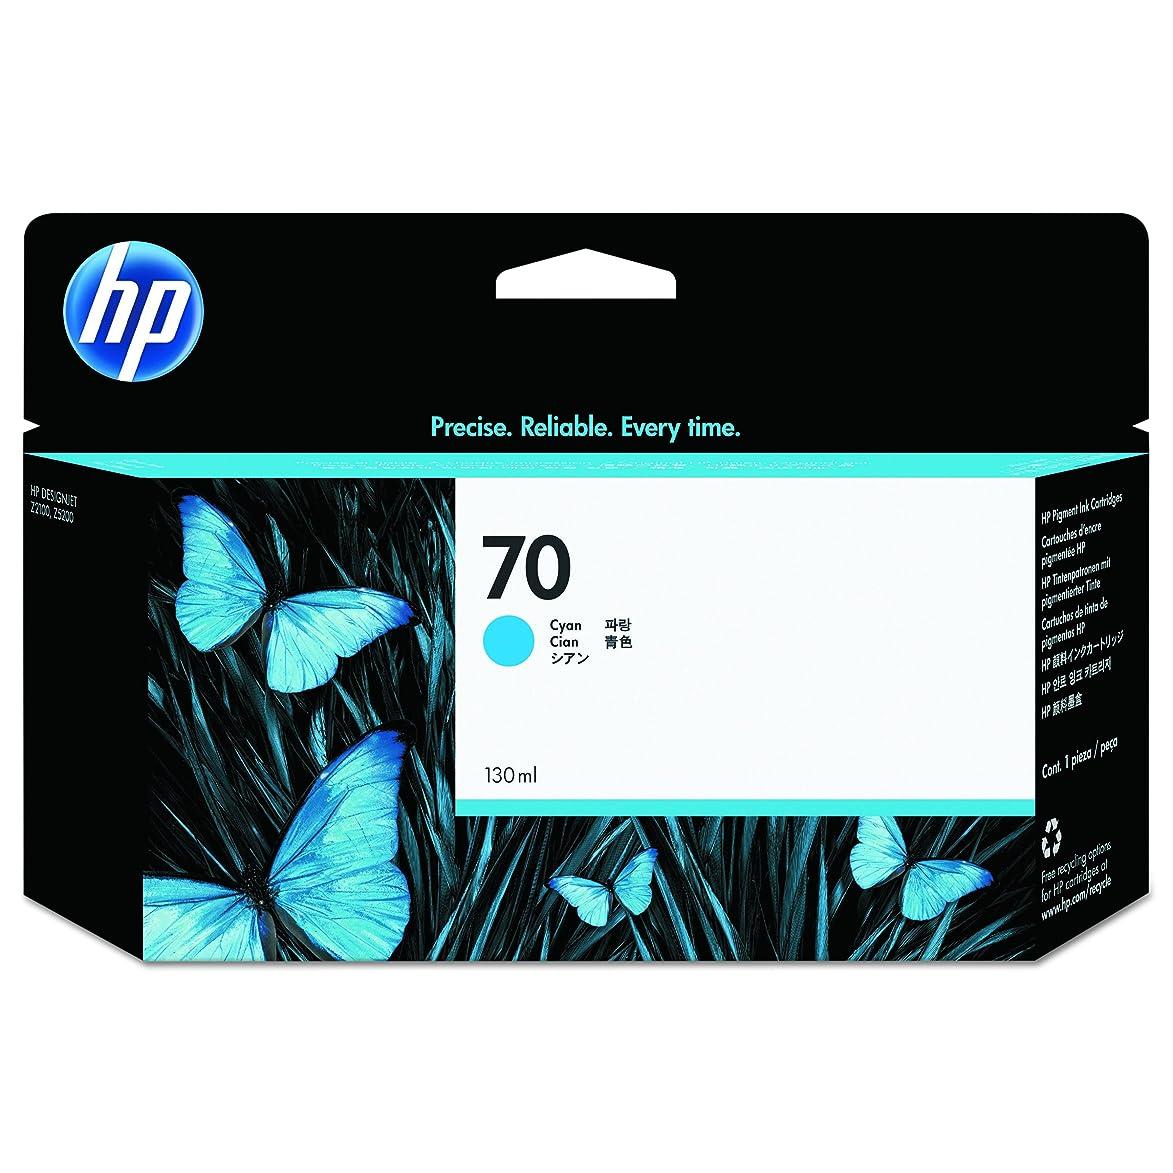 HP 70 (C9452A) Cyan Original Ink Cartridge